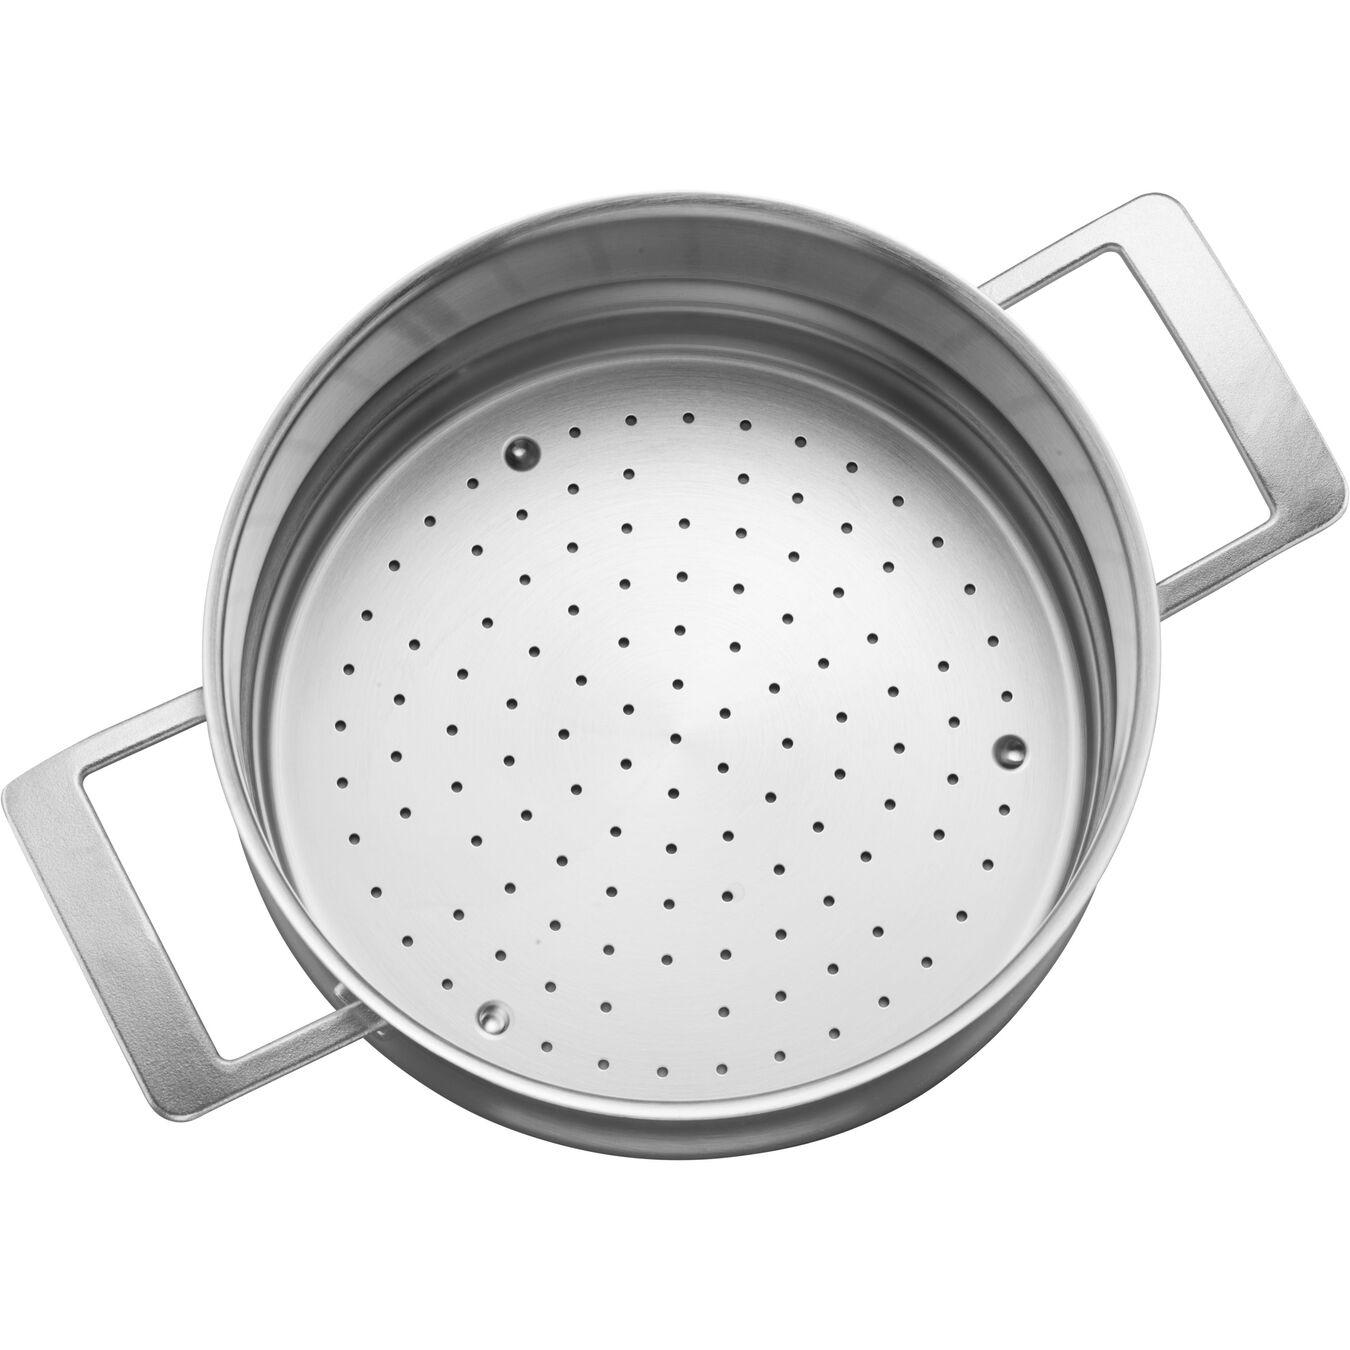 Passoire pour cuit vapeur 24 cm,,large 2